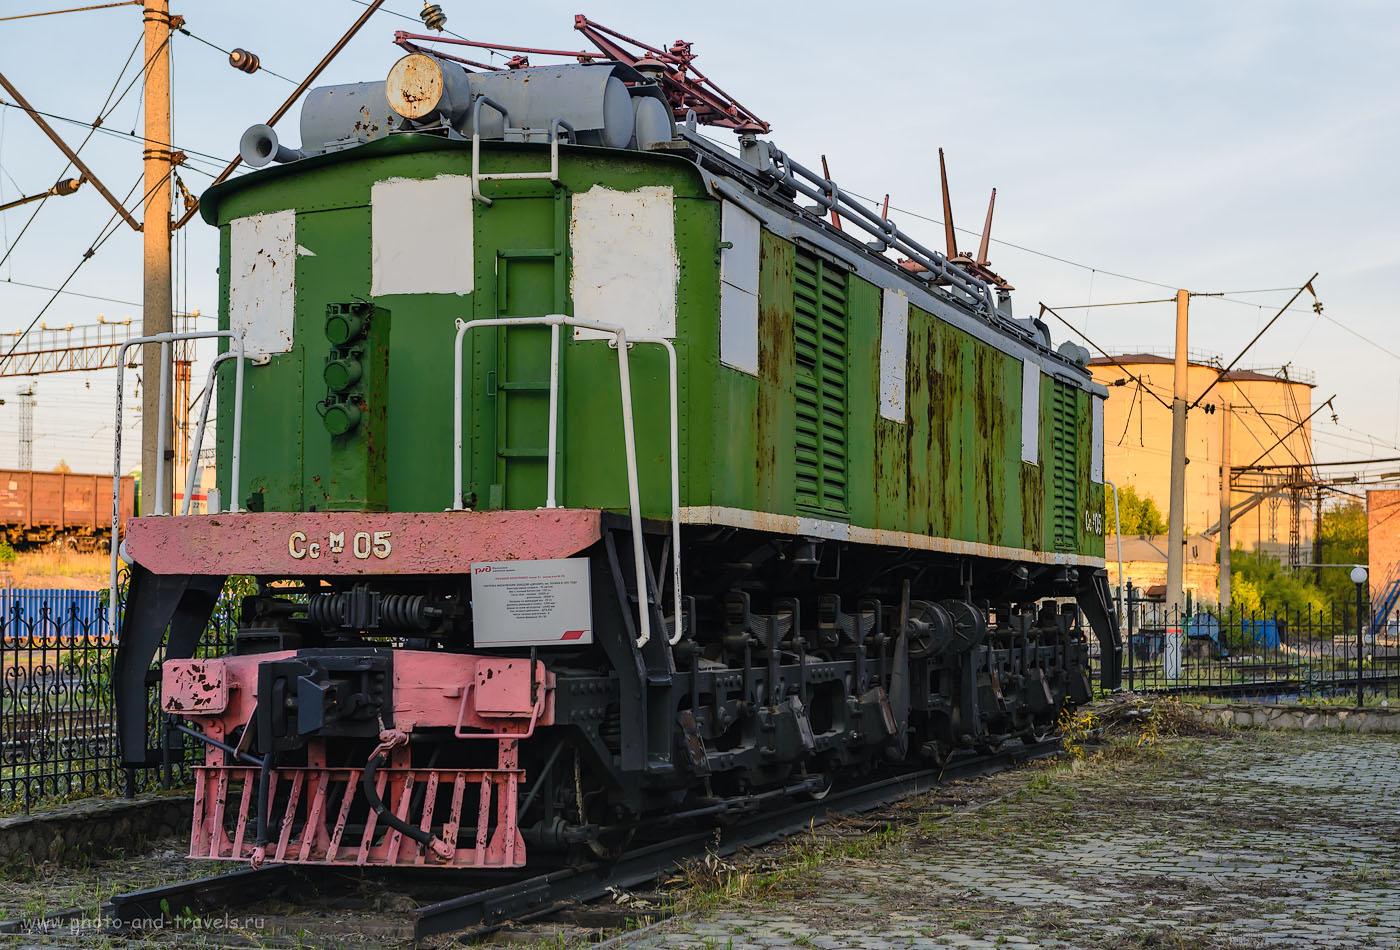 Фотография 18. Электровоз СС-М05 в музее железнодорожной техники под открытым небом в Екатеринбурге. 1/160, -1.33, 4.5, 250, 55.